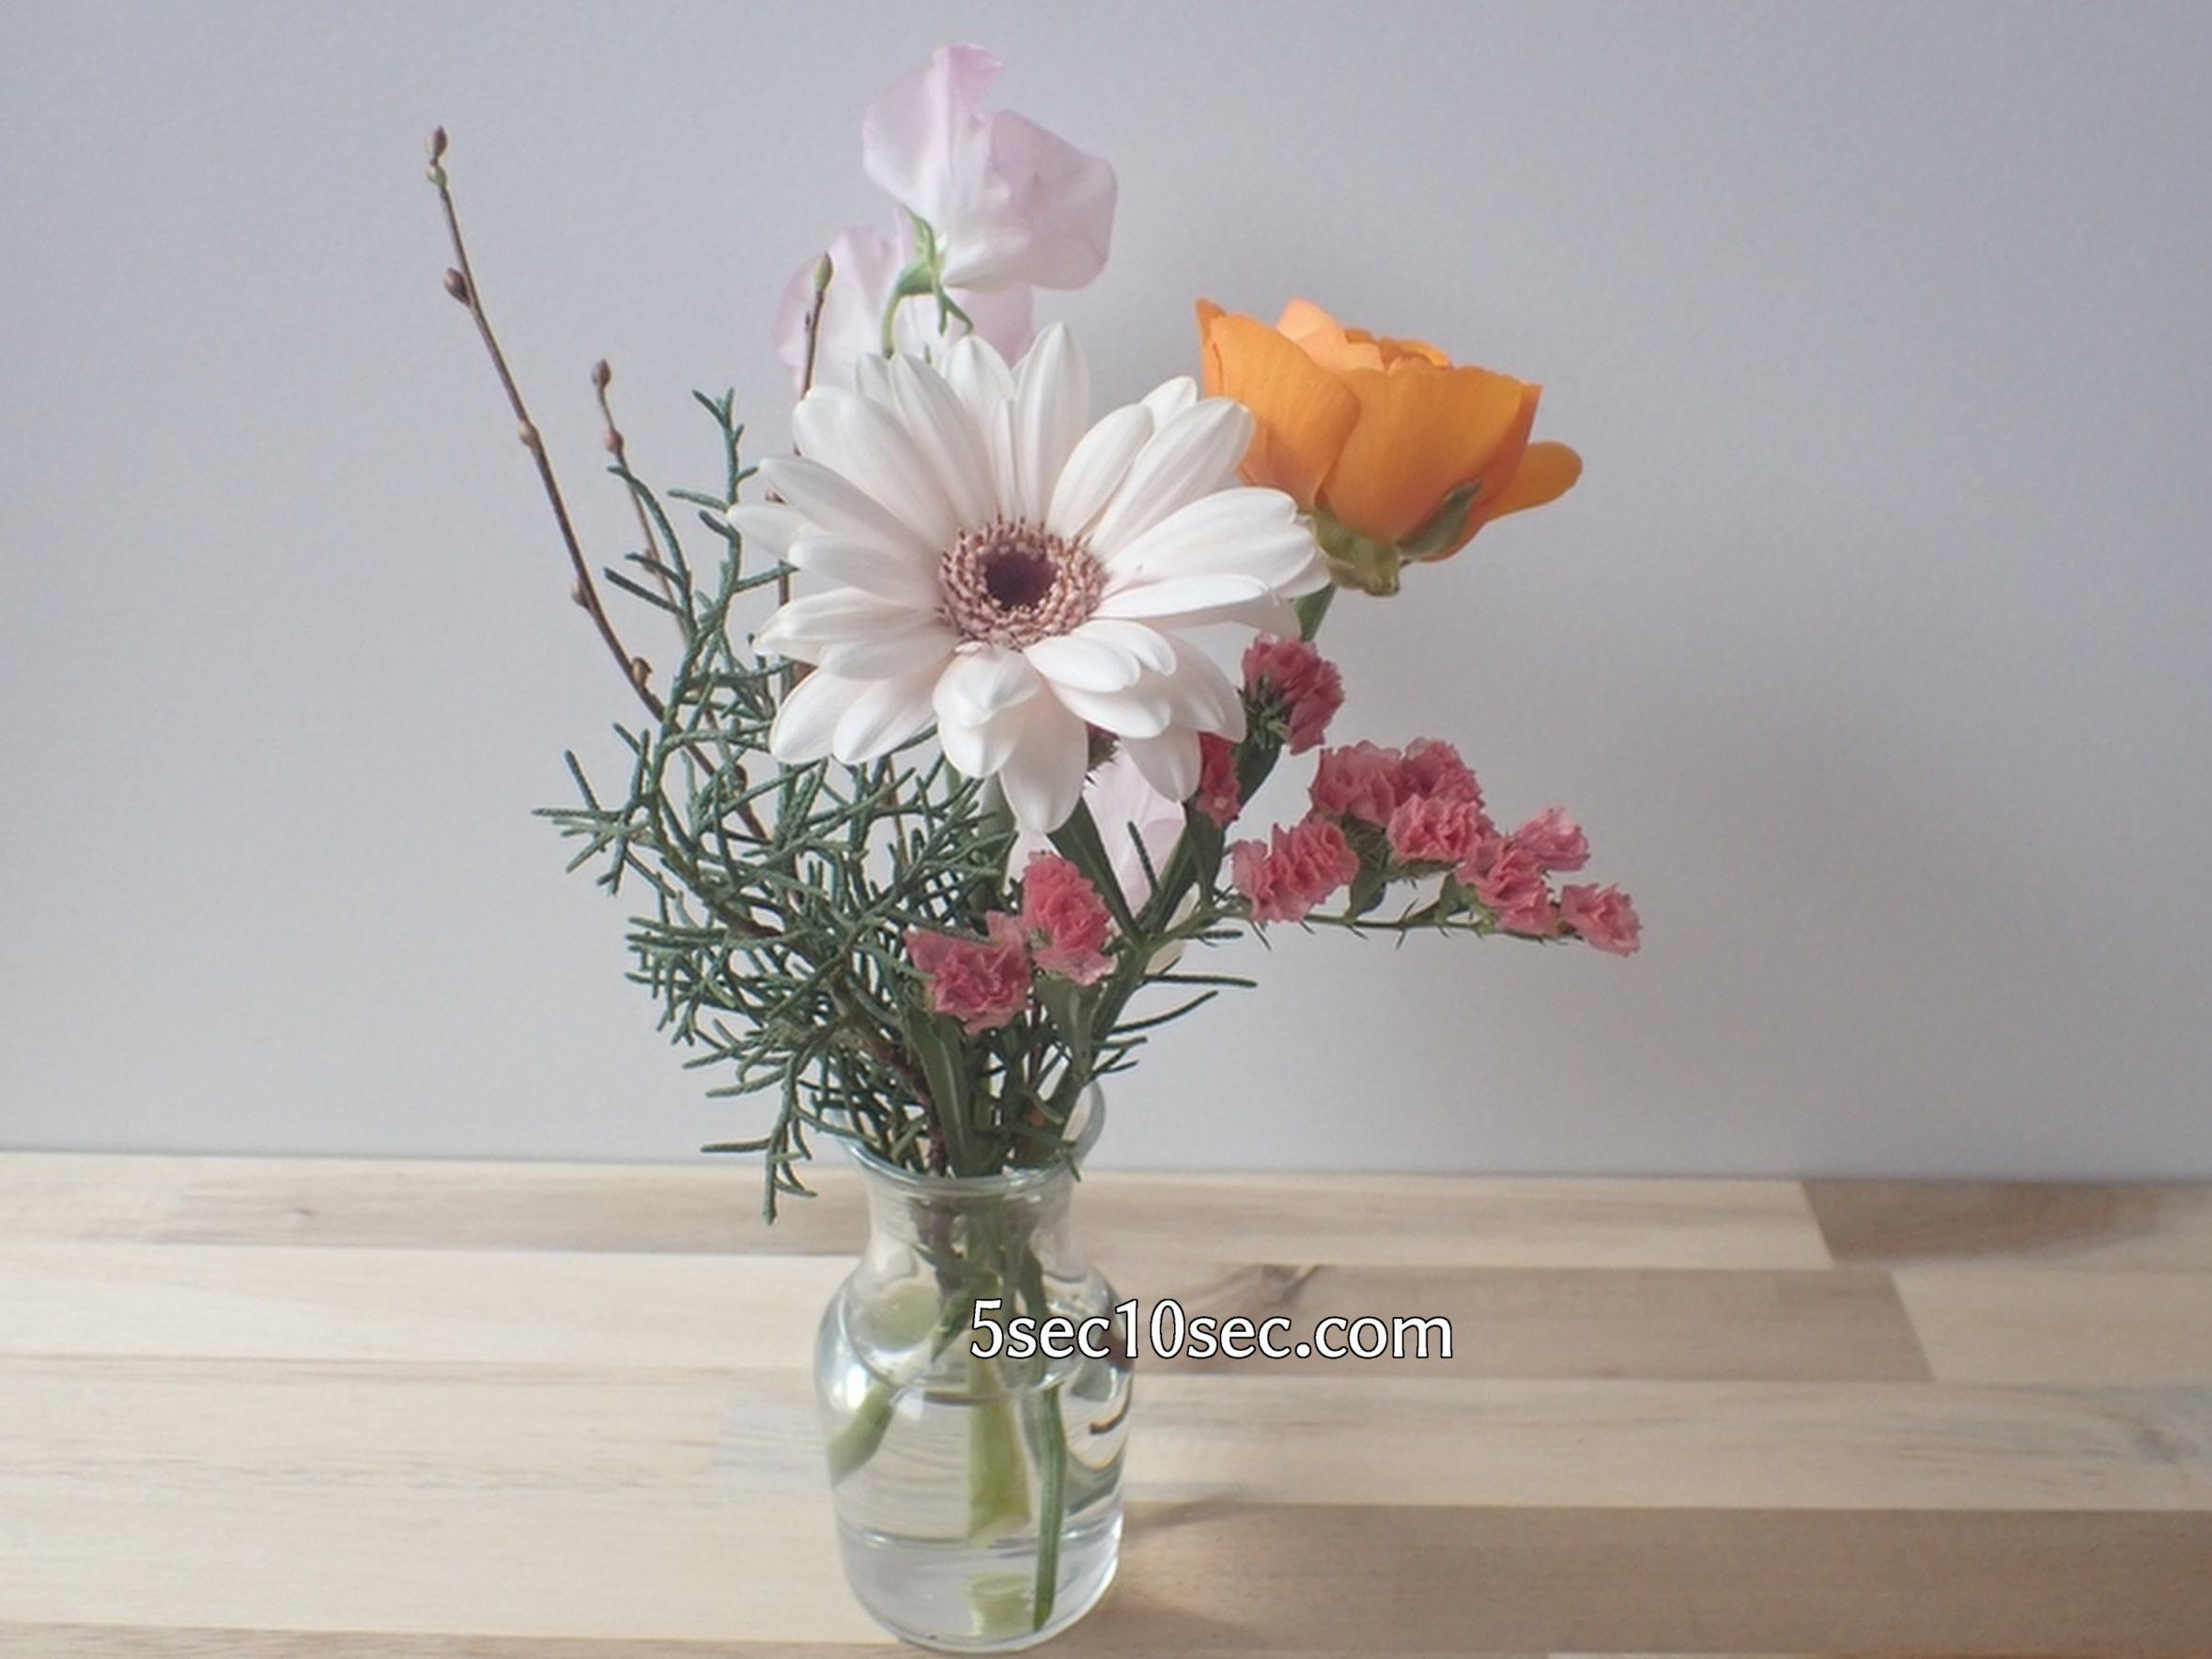 株式会社Crunch Style お花の定期便 Bloomee LIFE ブルーミーライフ 800円のレギュラープラン 3日目の写真